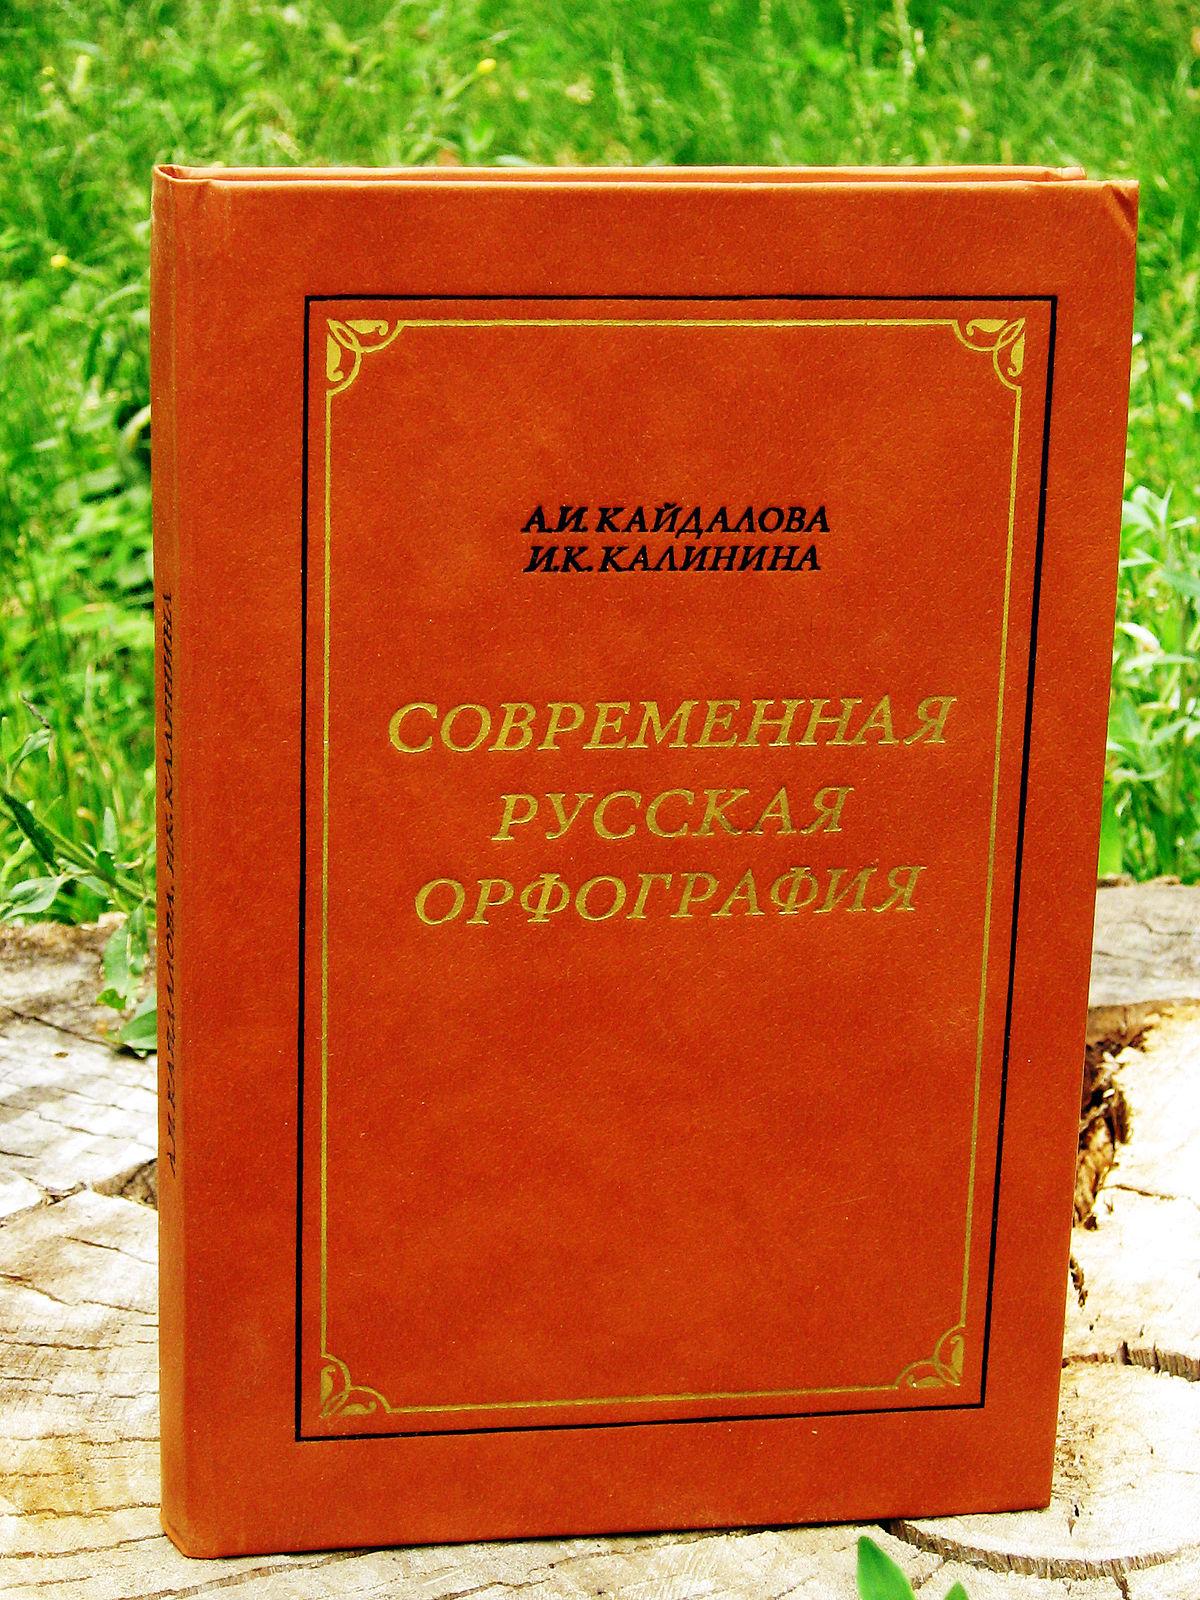 Скачать книгу современная русская орфография